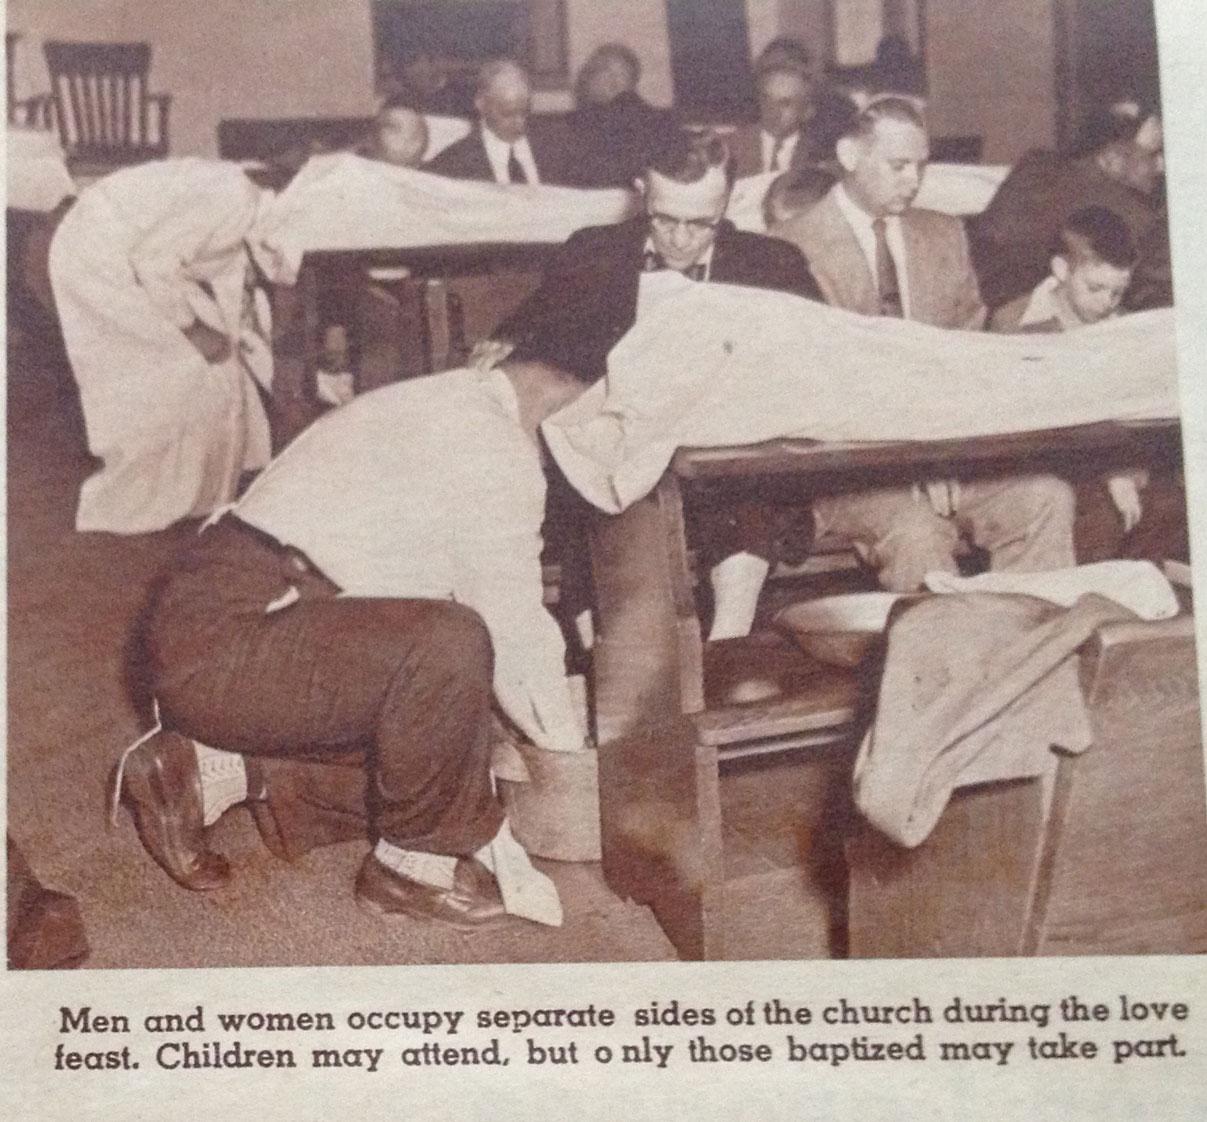 Lovefeast - men's feet washing